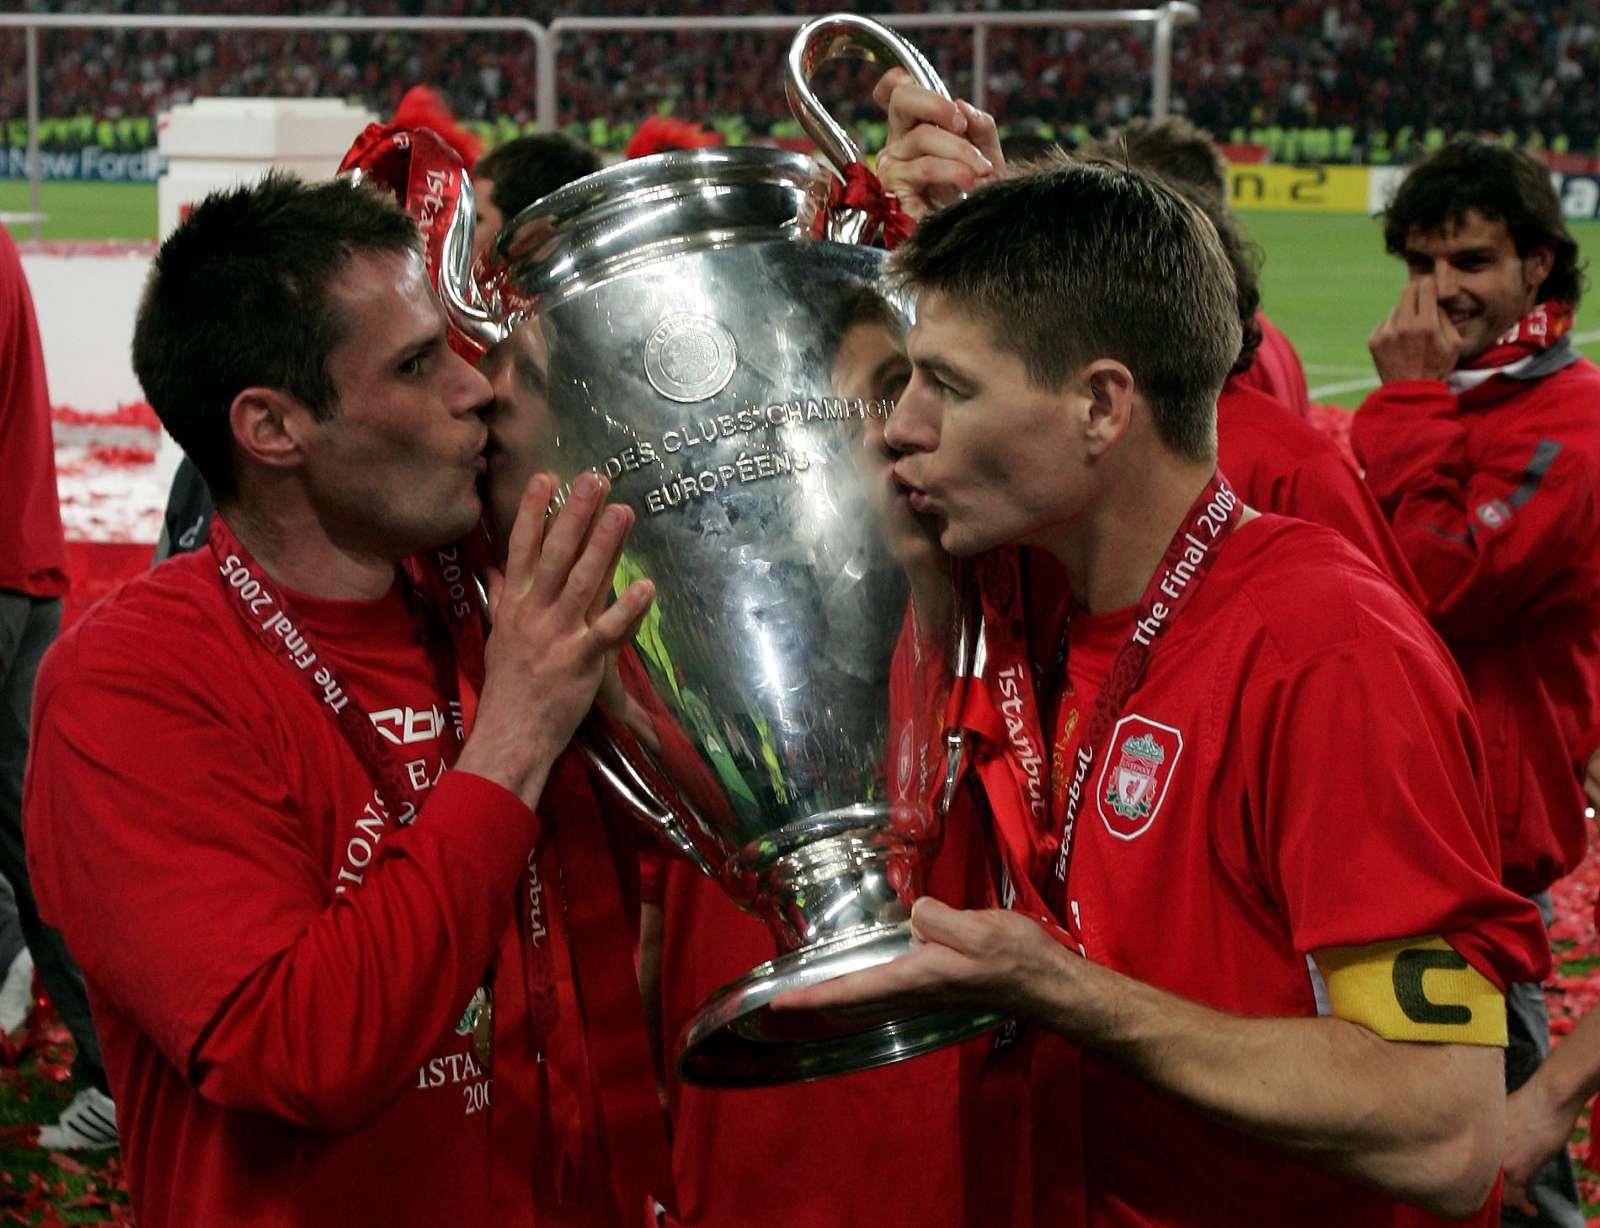 卡拉格:05欧冠决赛米兰表现远比利物浦好,但这就是足球